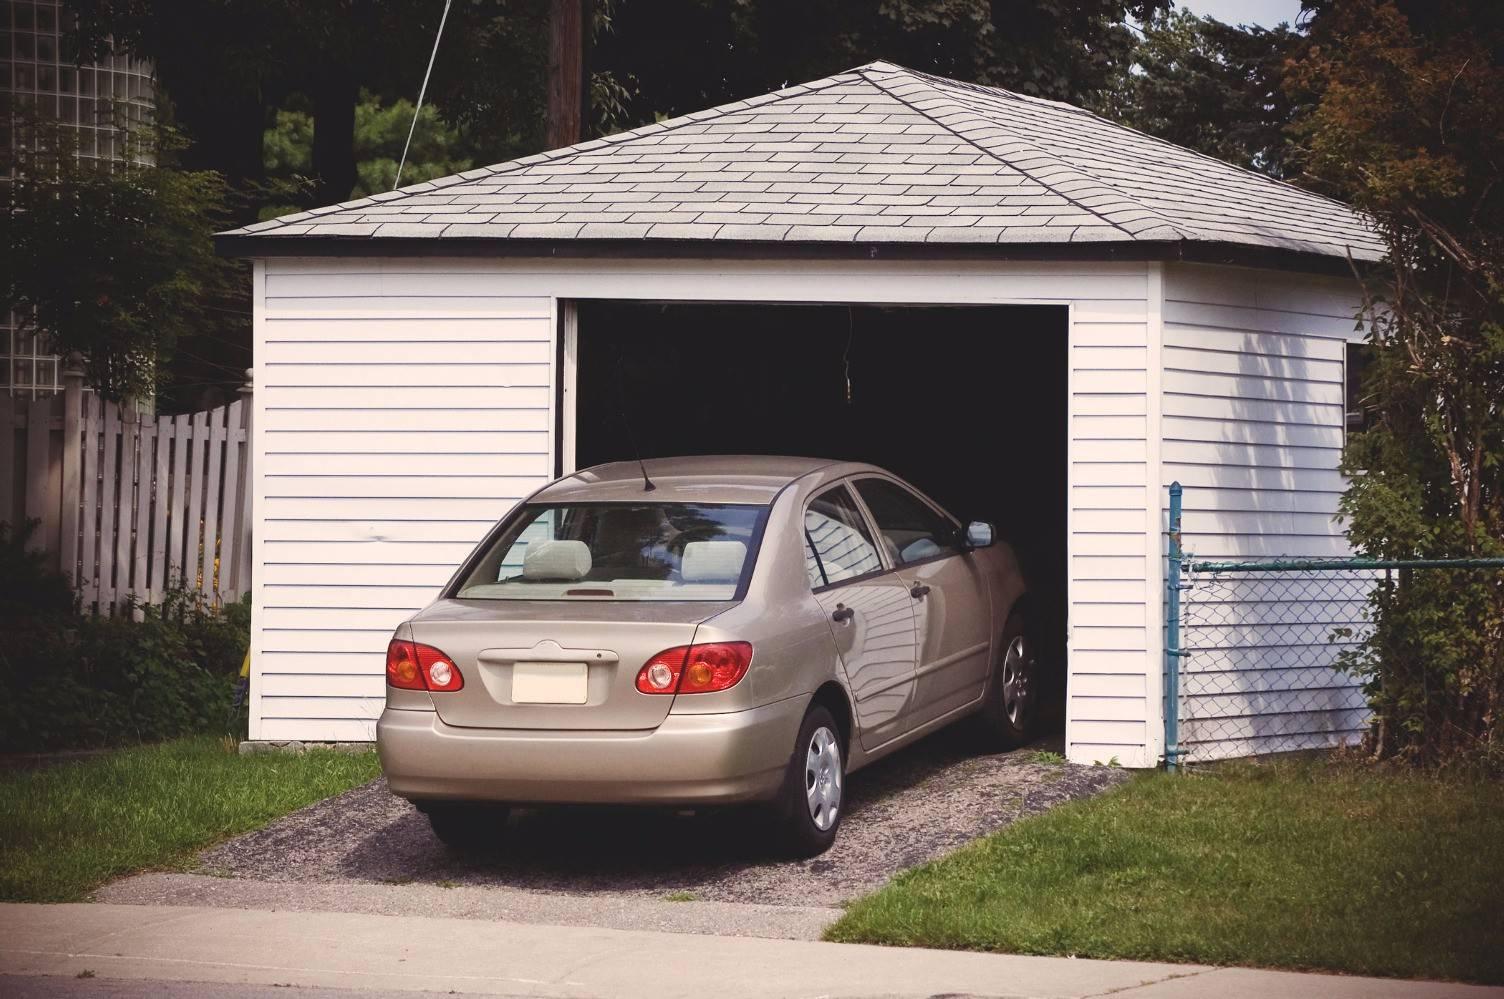 Размер гаража на 1 машину: минимальный и оптимальный